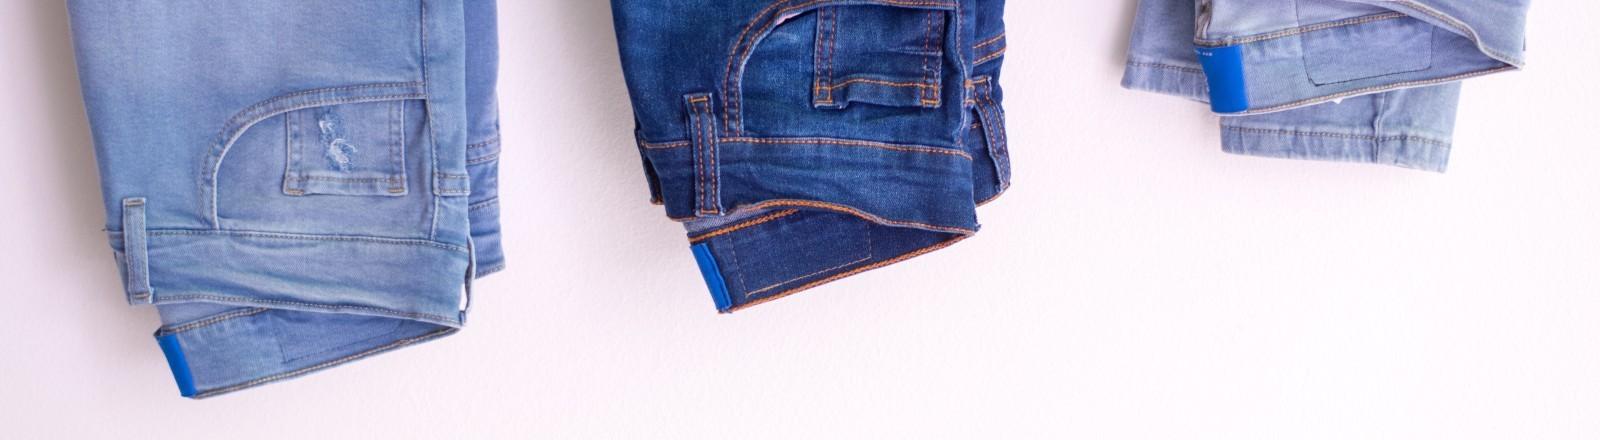 Drei Jeanshosen in unterschiedlichen Blautönen